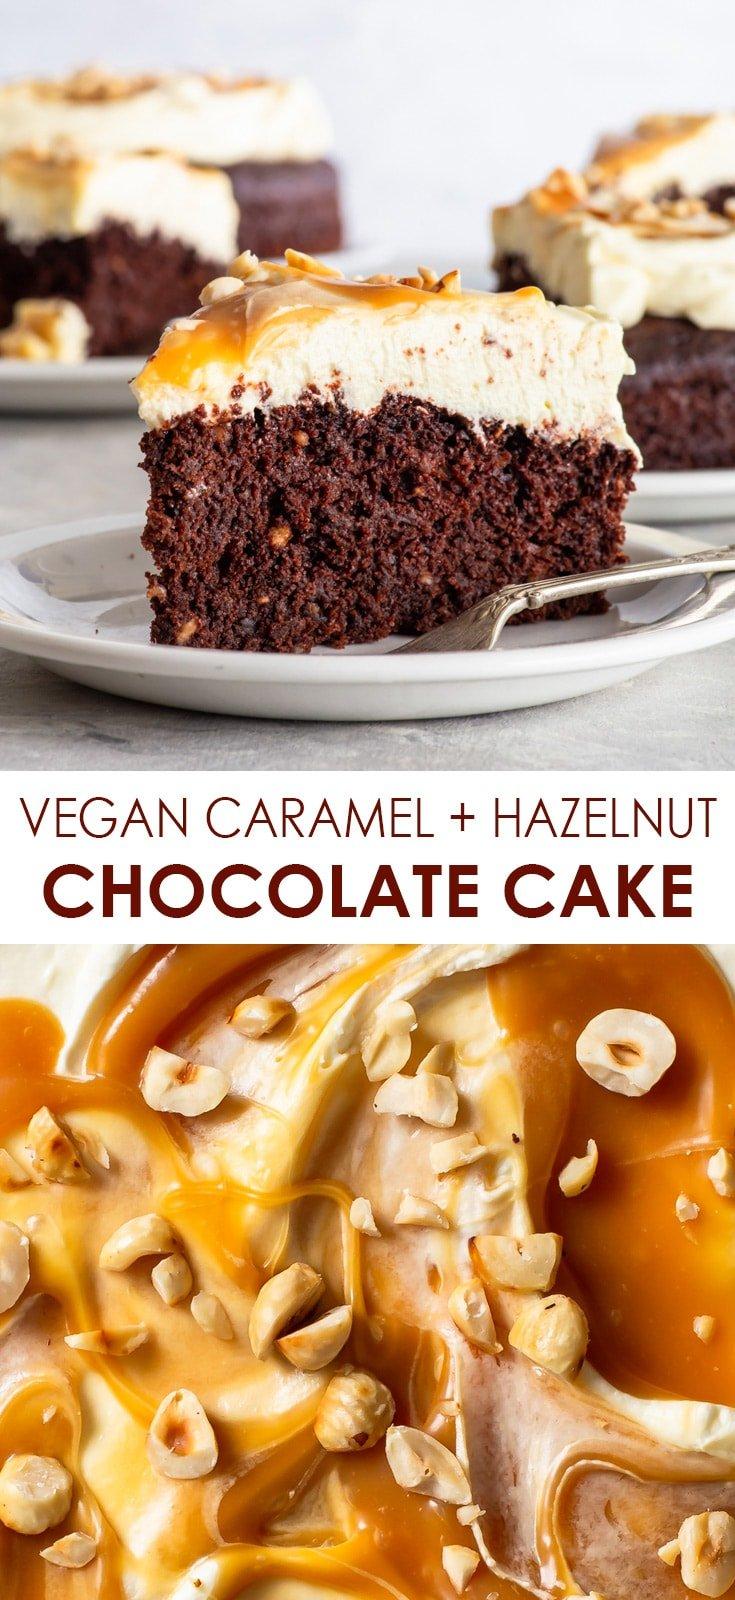 Pinterest image for vegan hazelnut chocolate cake with caramel-swirled frosting.